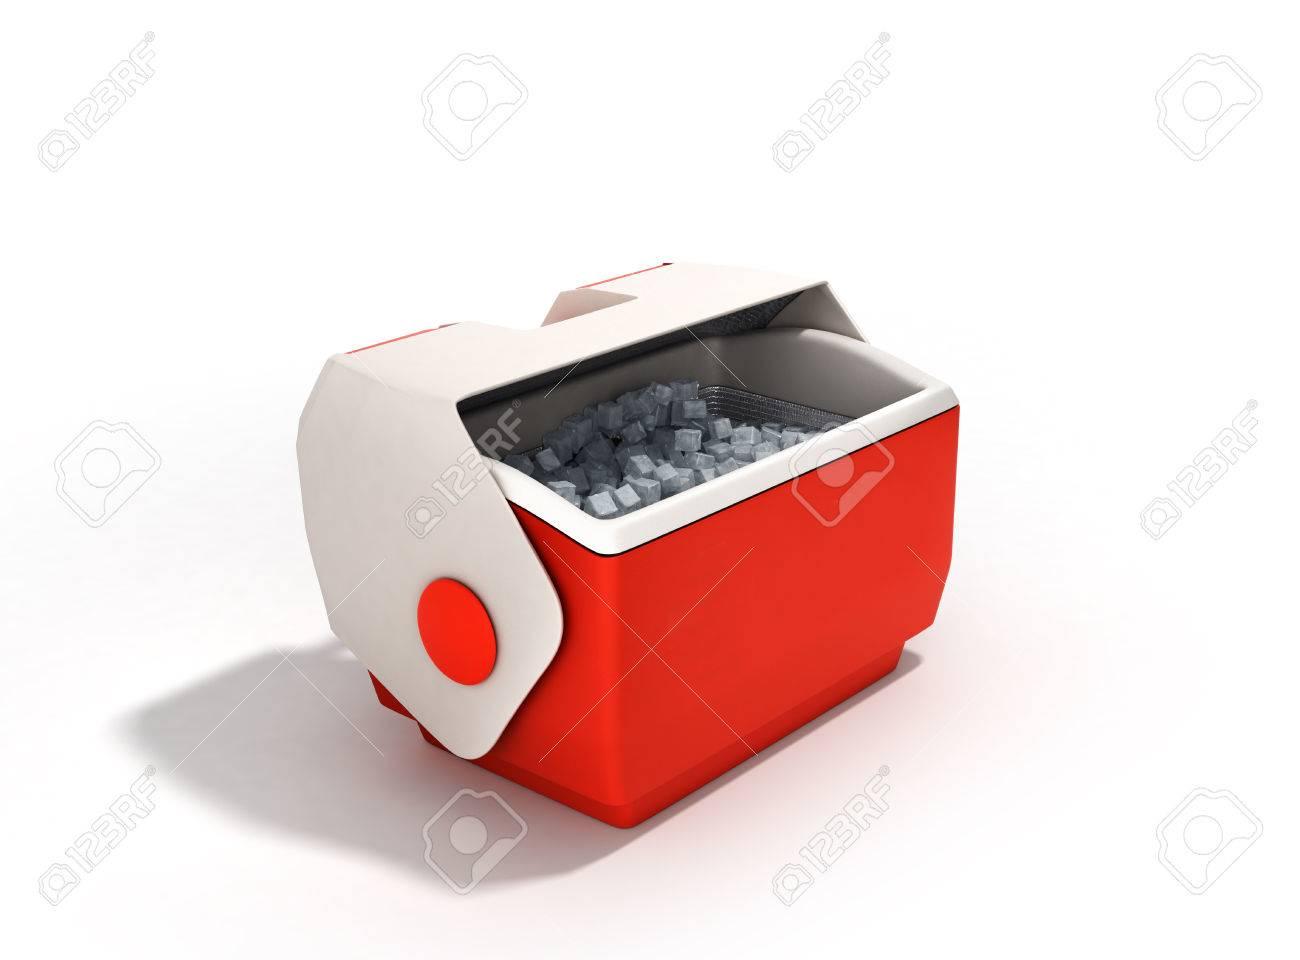 Kühlschrank Rot : Offene kühlschrank box rot 3d render auf weißem hintergrund